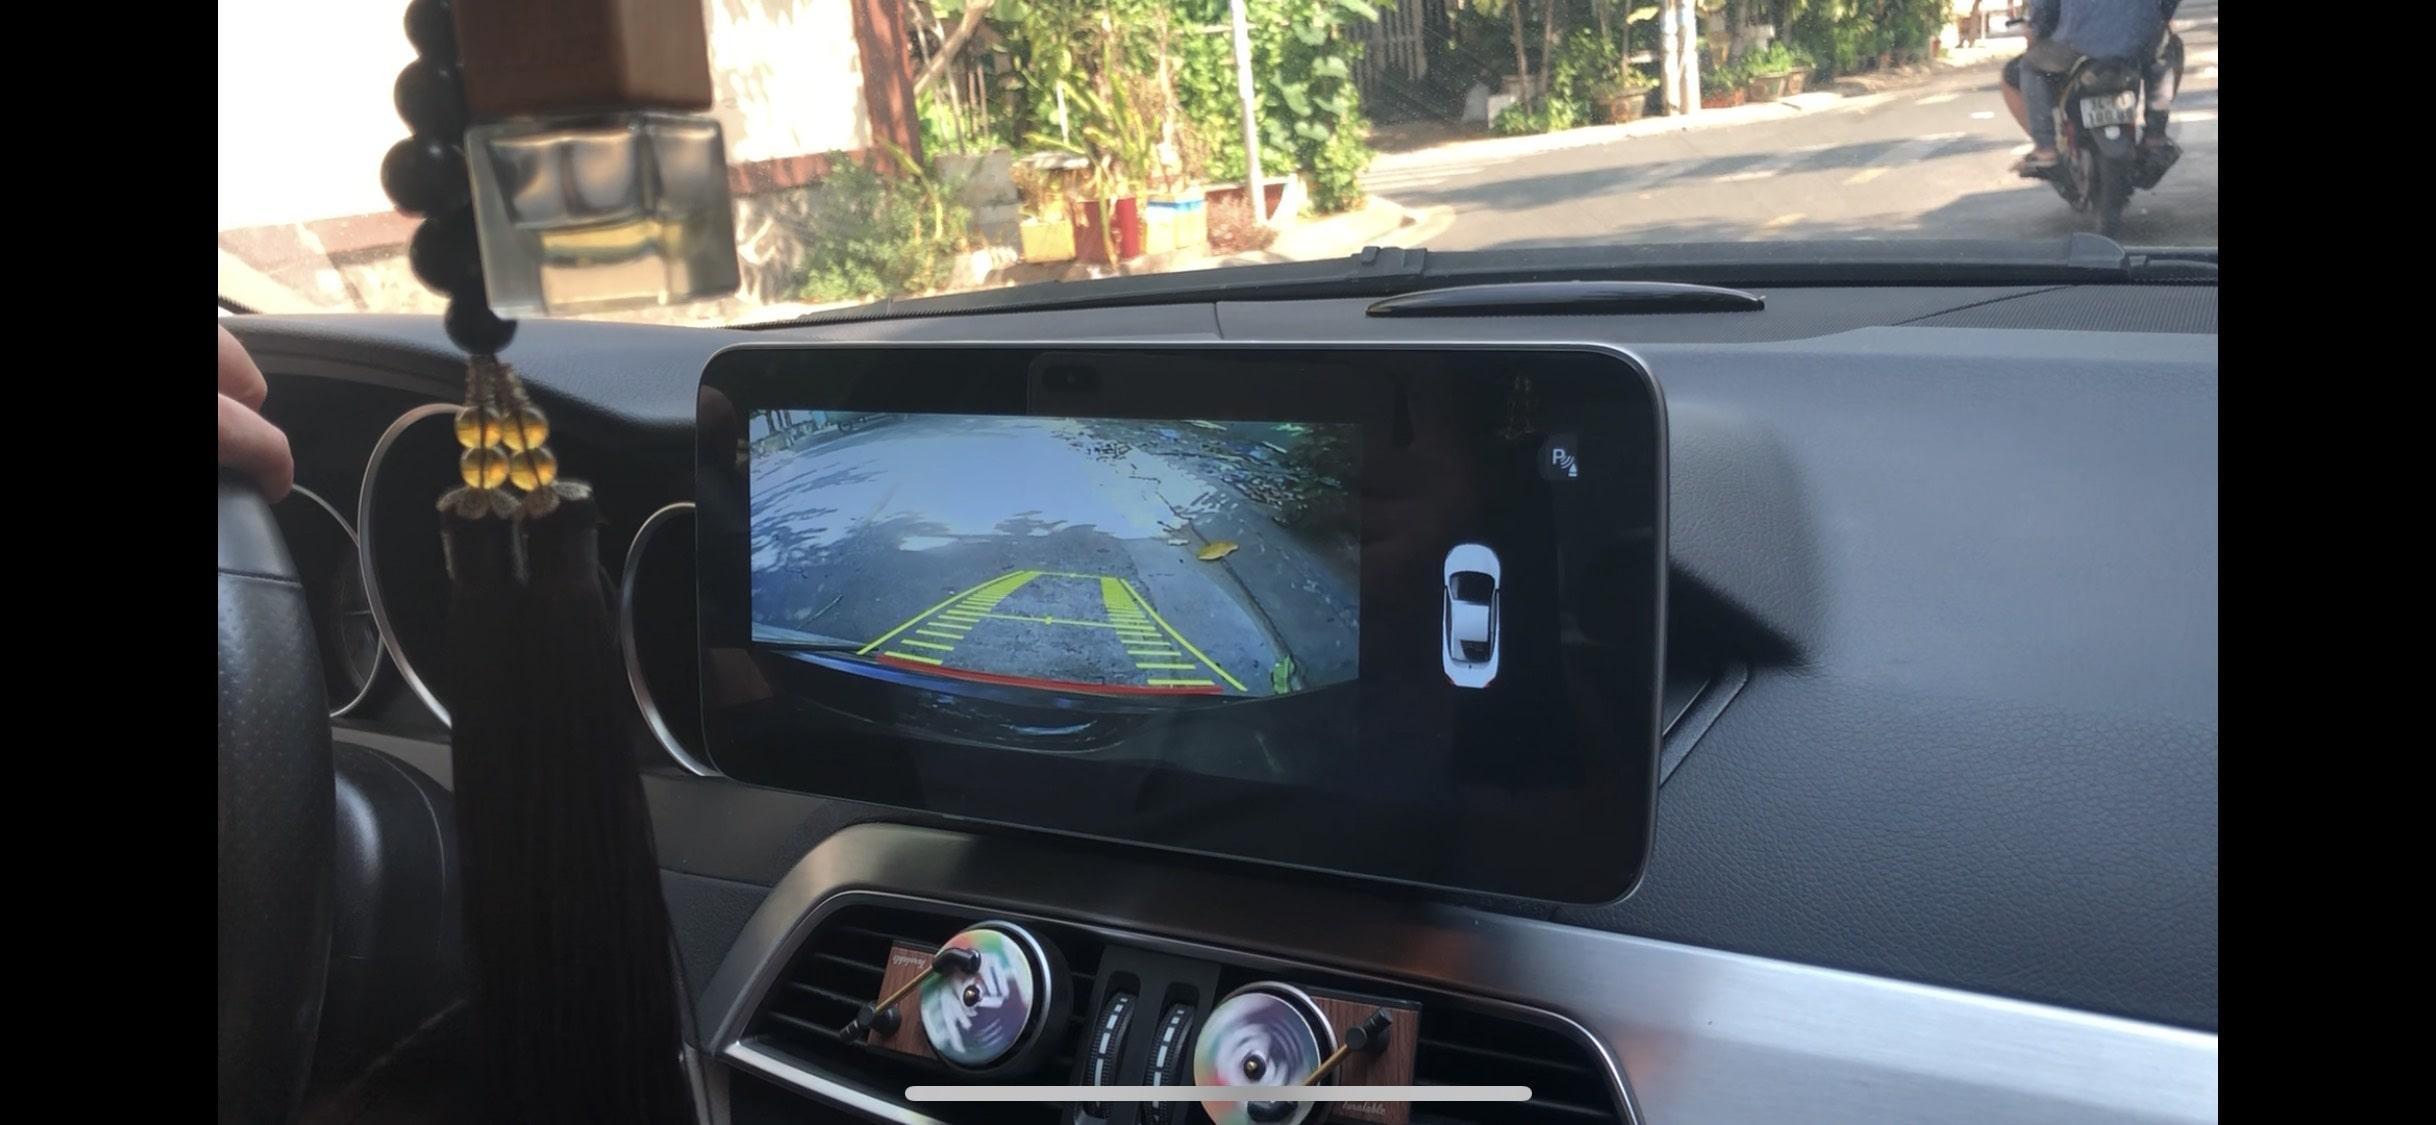 thiết bị định vị xe ô tô